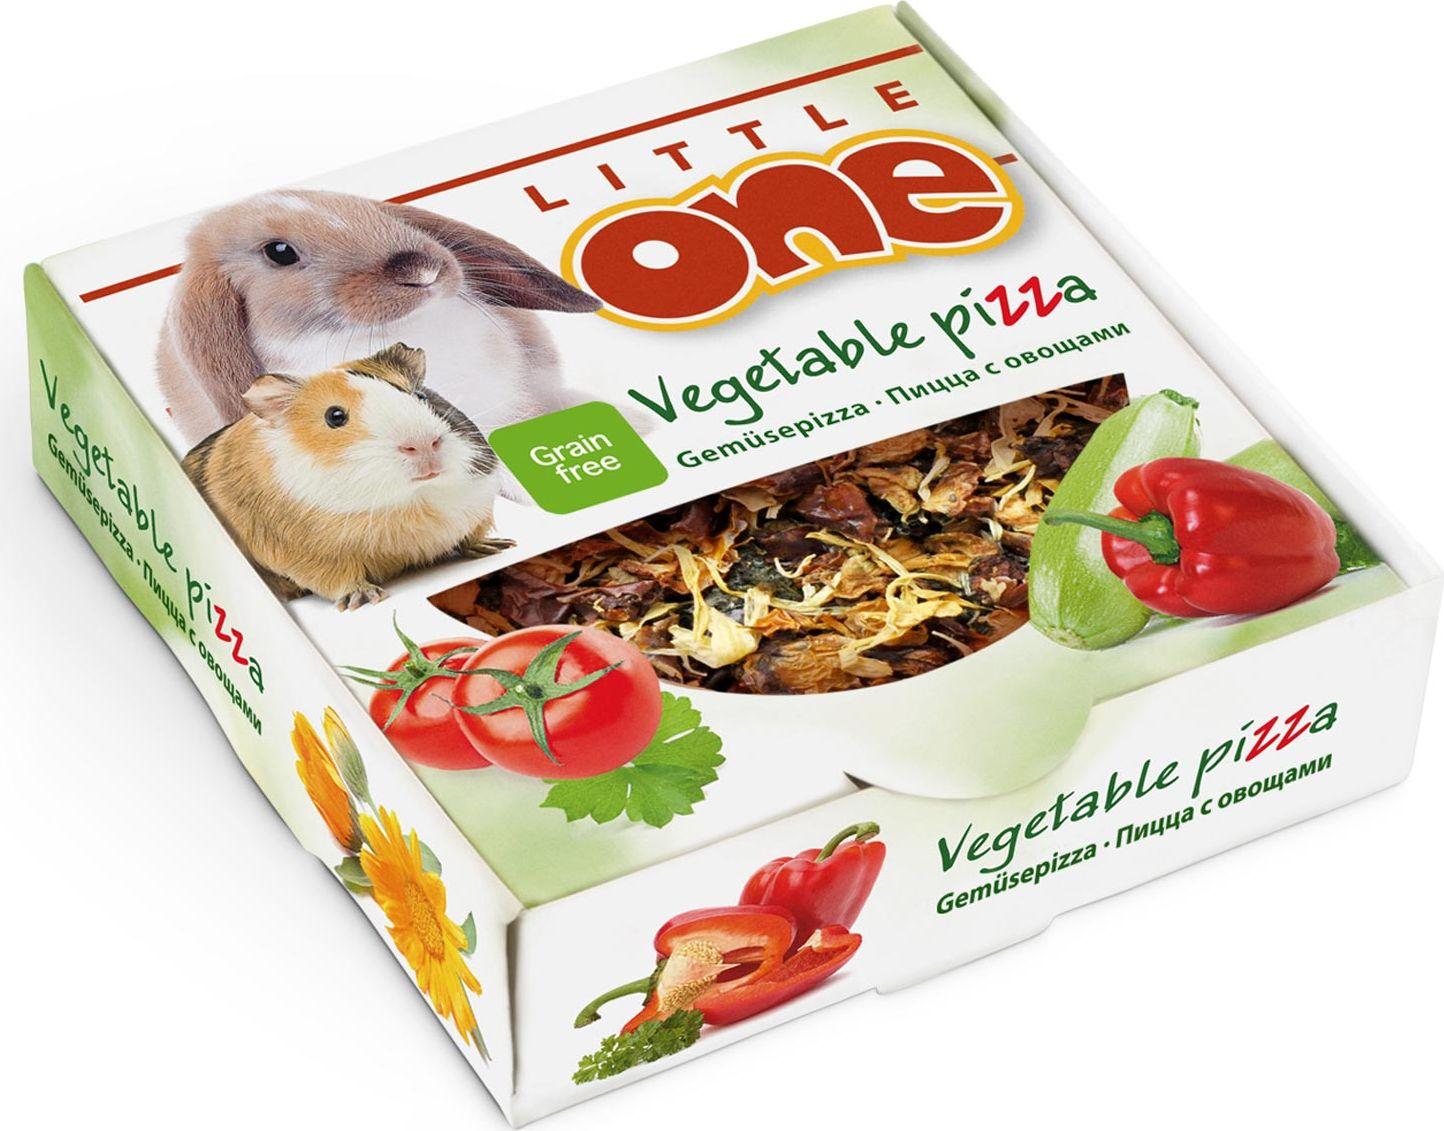 Лакомство-игрушка для всех видов грызунов Little One Пицца с овощами, 55 г0120710Овощная пицца Little One приготовлена специально для декоративных животных. Ее основа изготовлена из ароматной петрушки, выращенной в открытом грунте под солнцем. Овощной топпинг состоит из сушеного кабачка, томата, перца, лепестков календулы и овсяных хлопьев. Такой состав делает пиццу настоящим удовольствием для домашних питомцев, а также источником витаминов и других питательных веществ. Форма пиццы очень удобна для разгрызания, что способствует стачиванию постоянно растущих зубов у грызунов и кроликов.